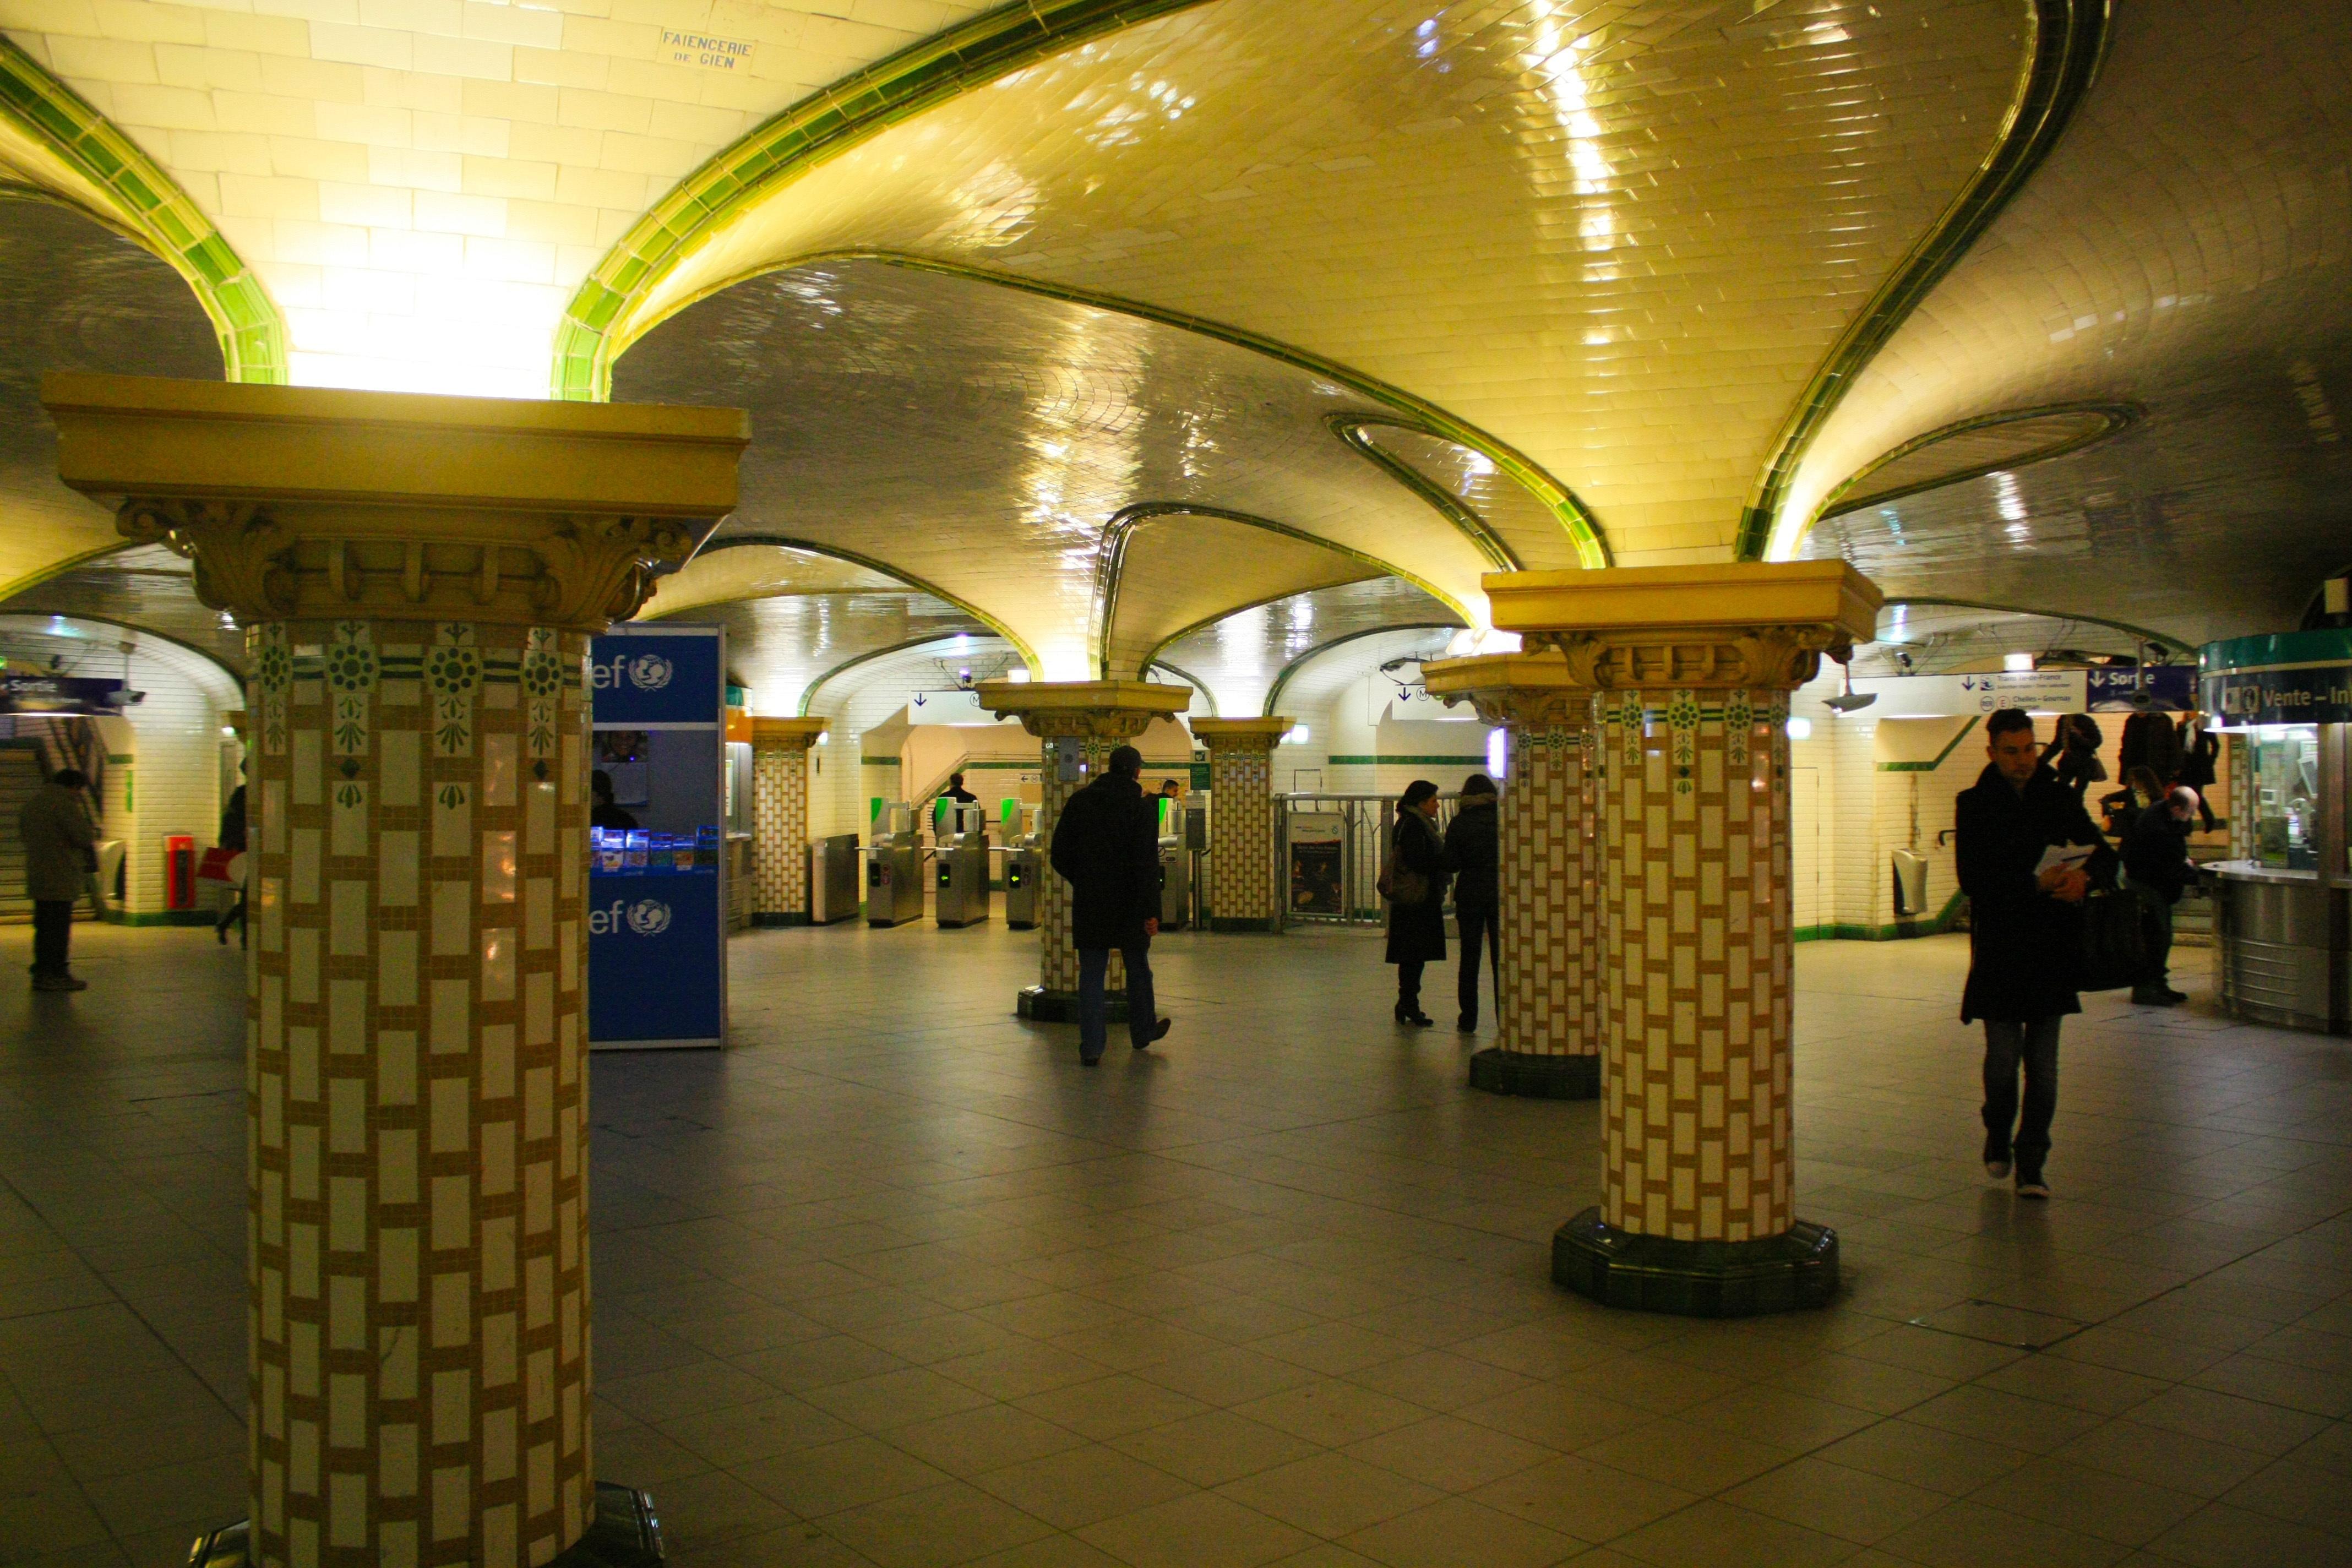 Free Images architecture building paris france public